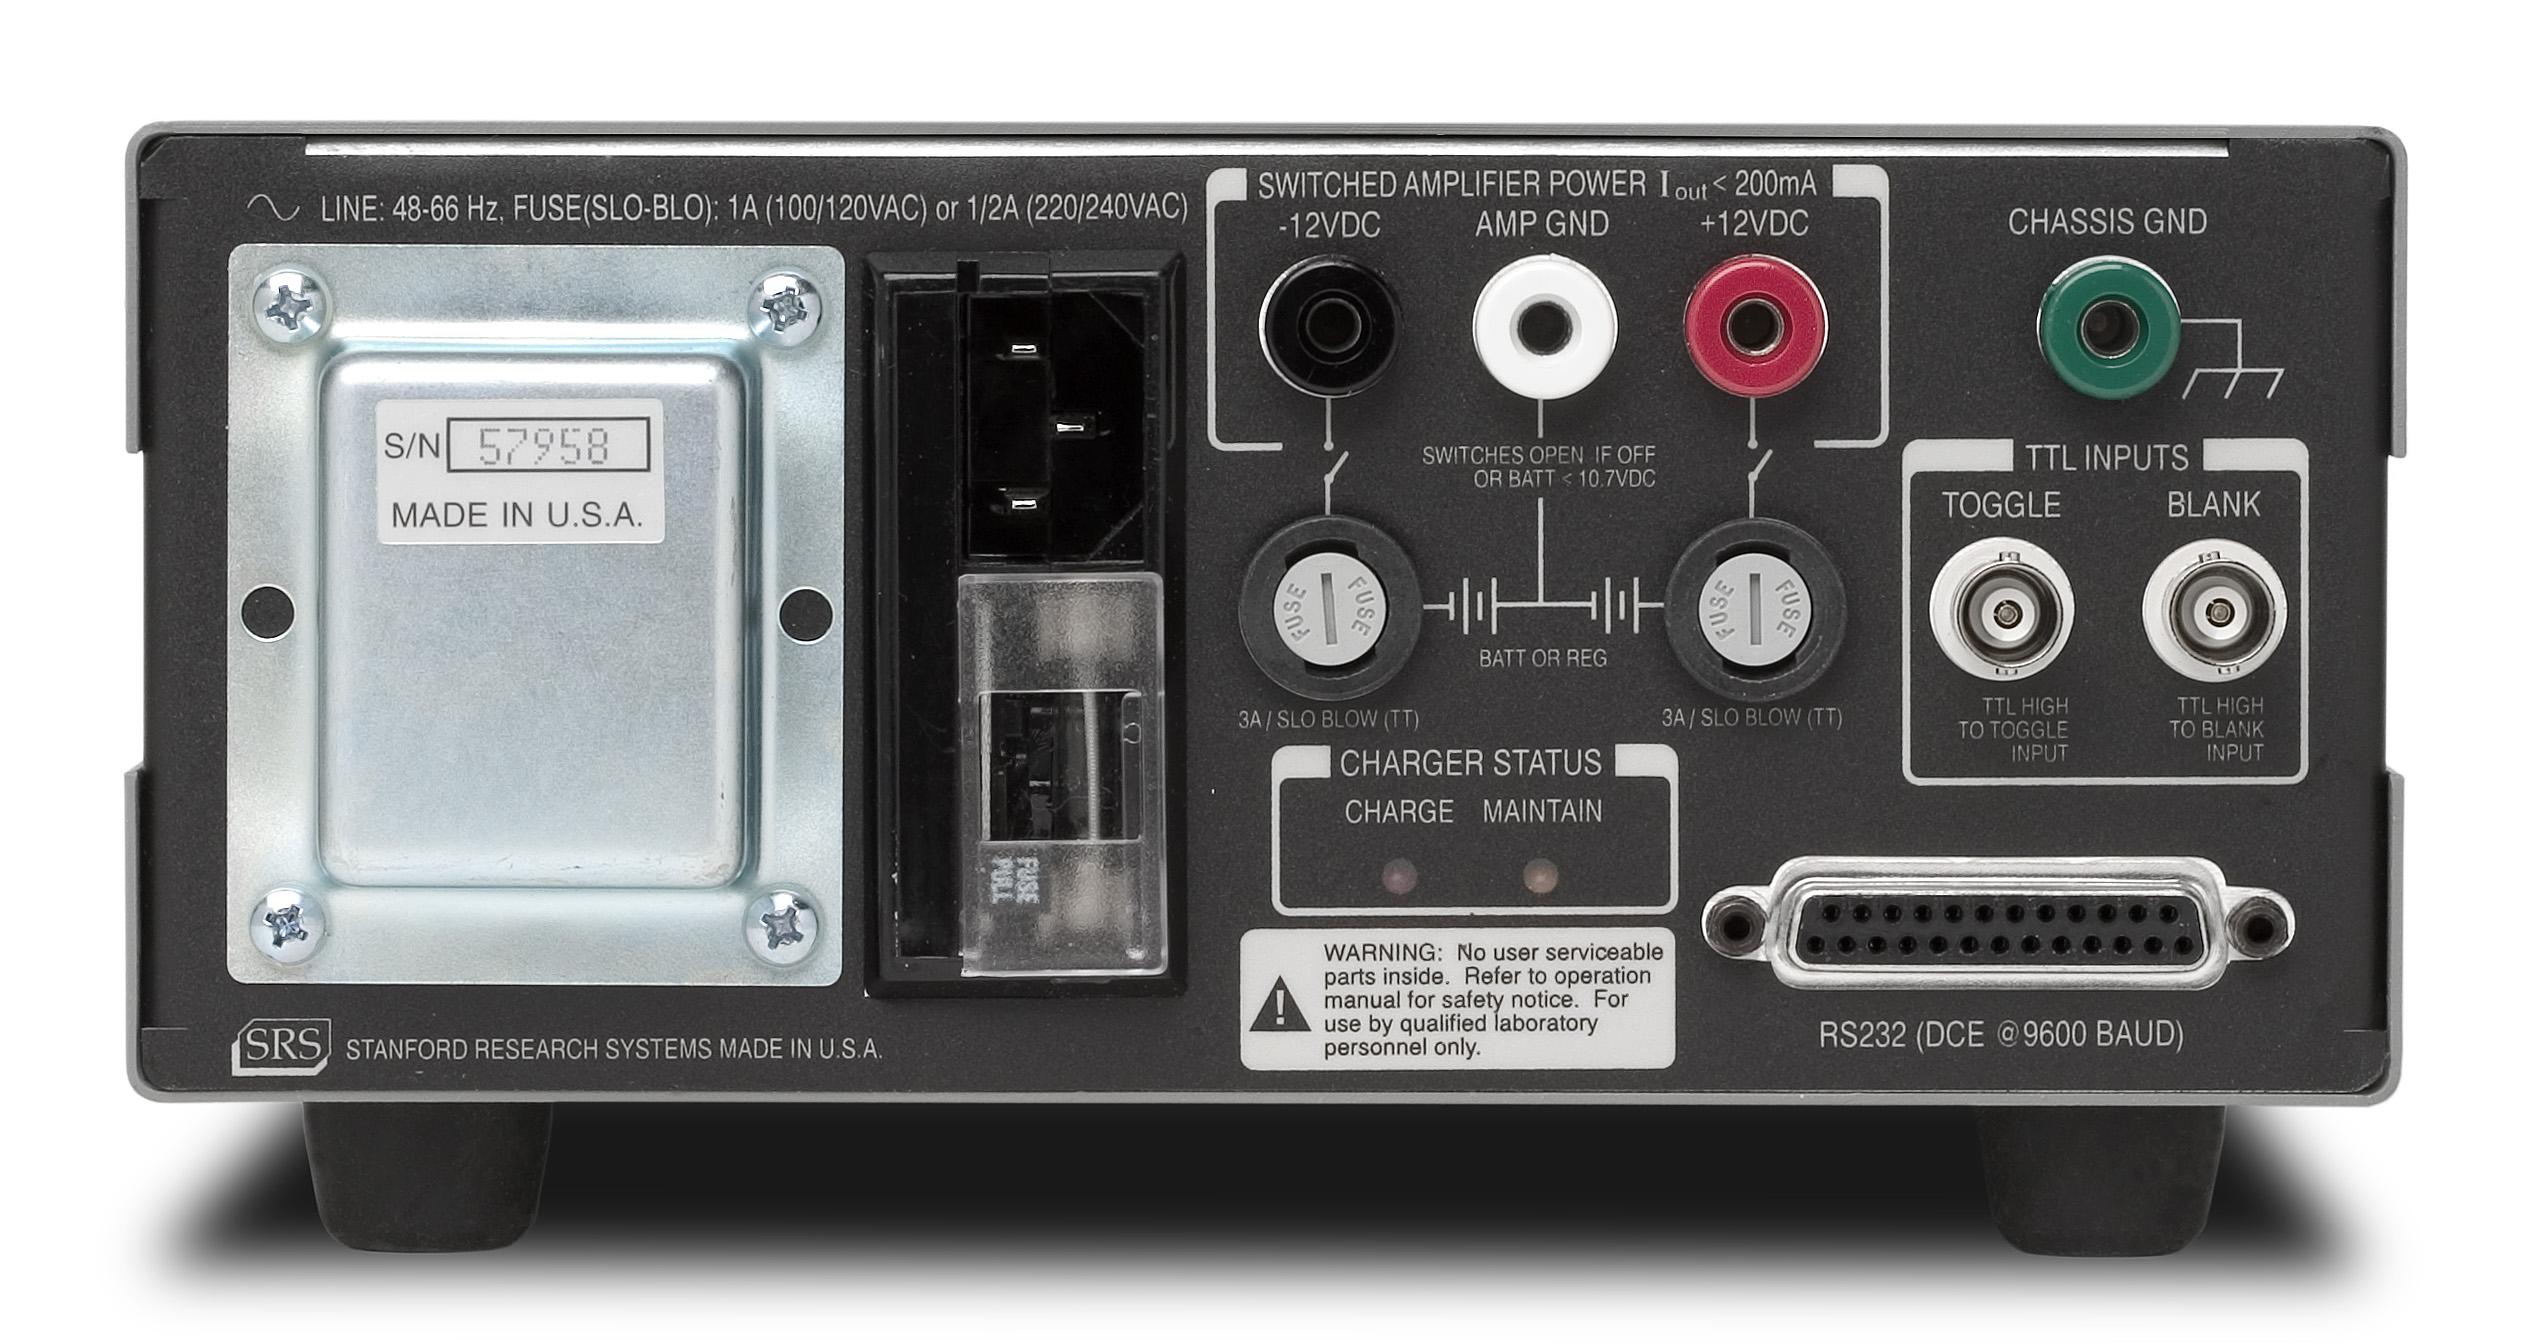 Low Noise Current Preamplifier - SR570